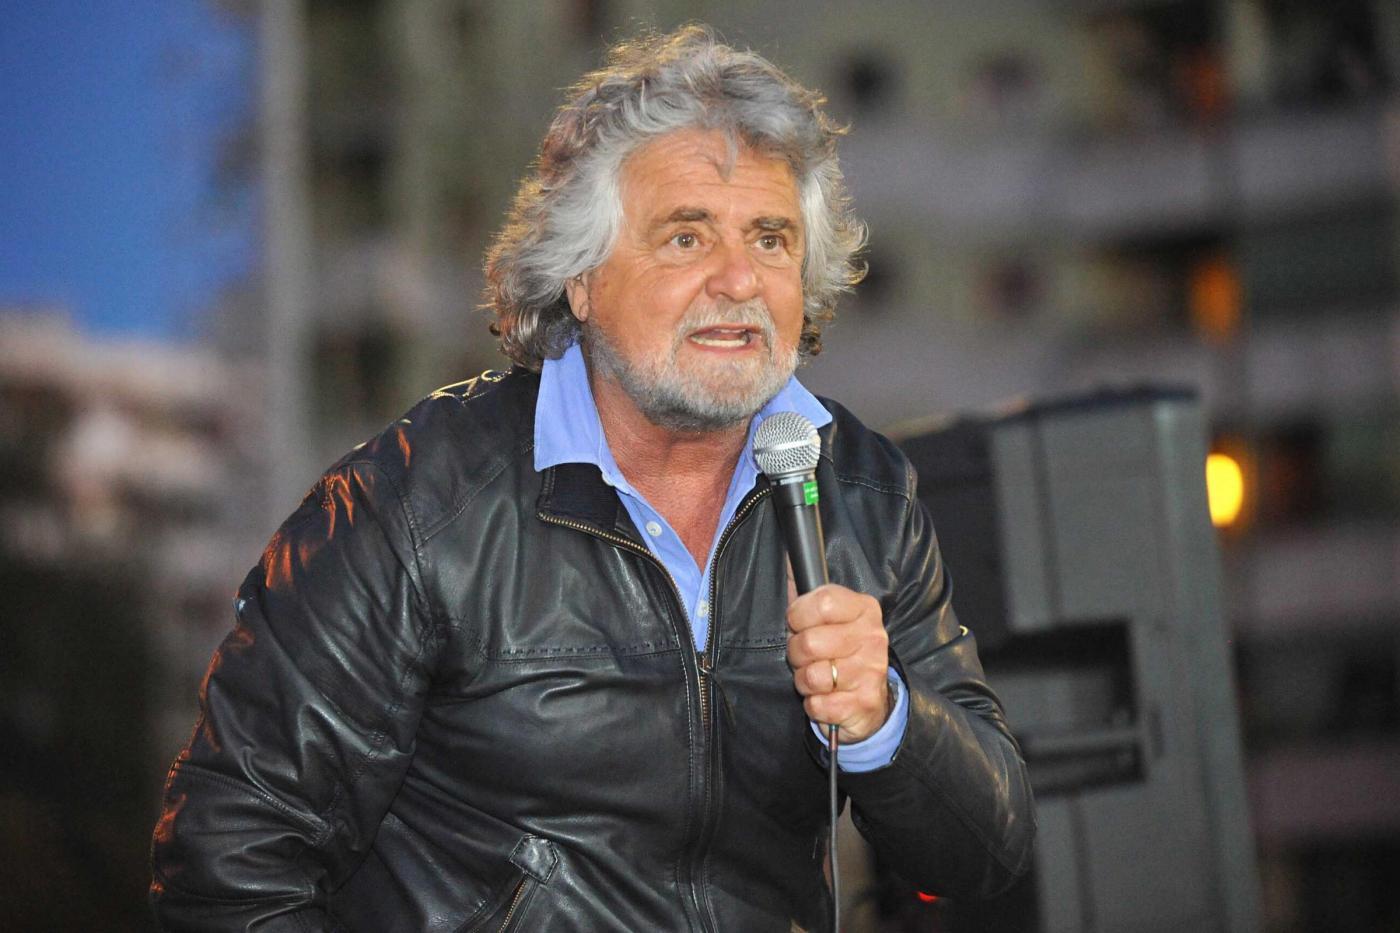 Beppe Grillo su Twitter: metà dei followers sono Bot? Non è detto